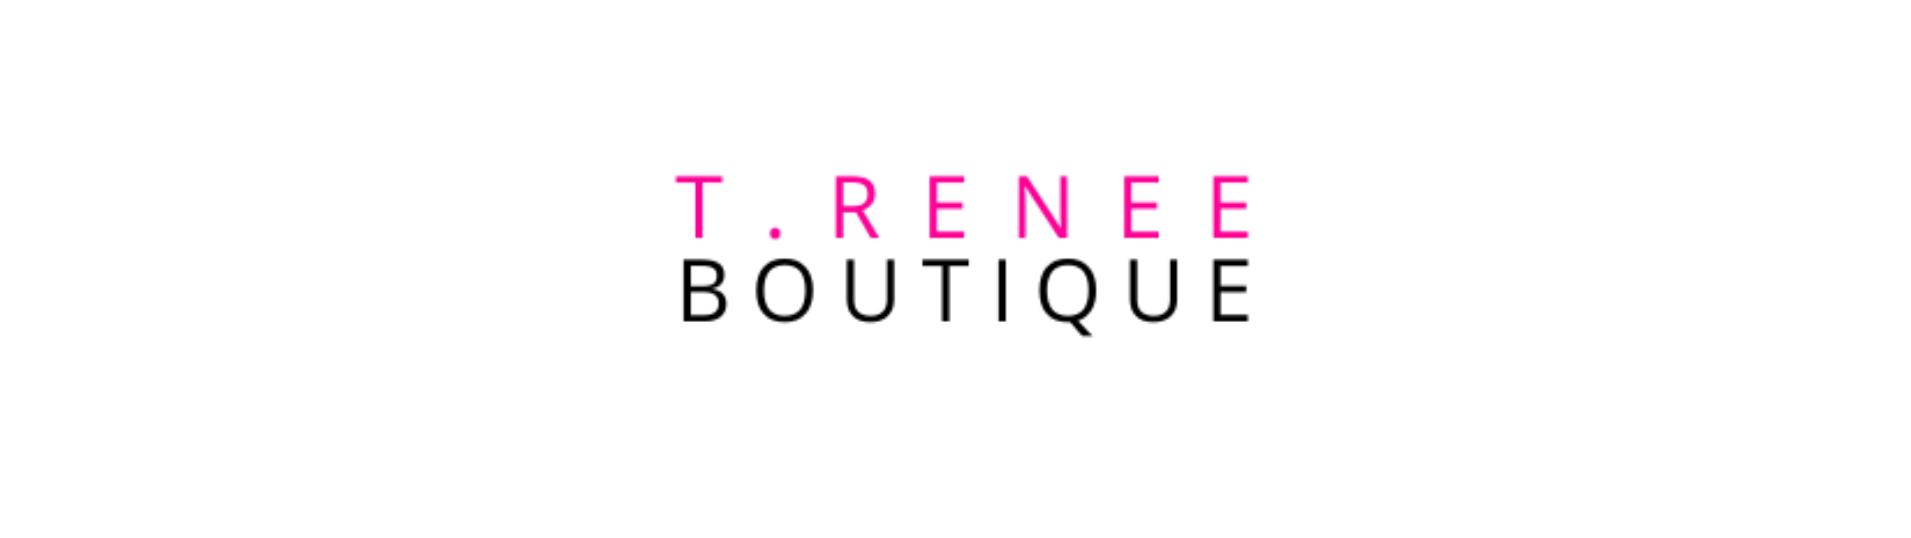 T. Renee Boutique